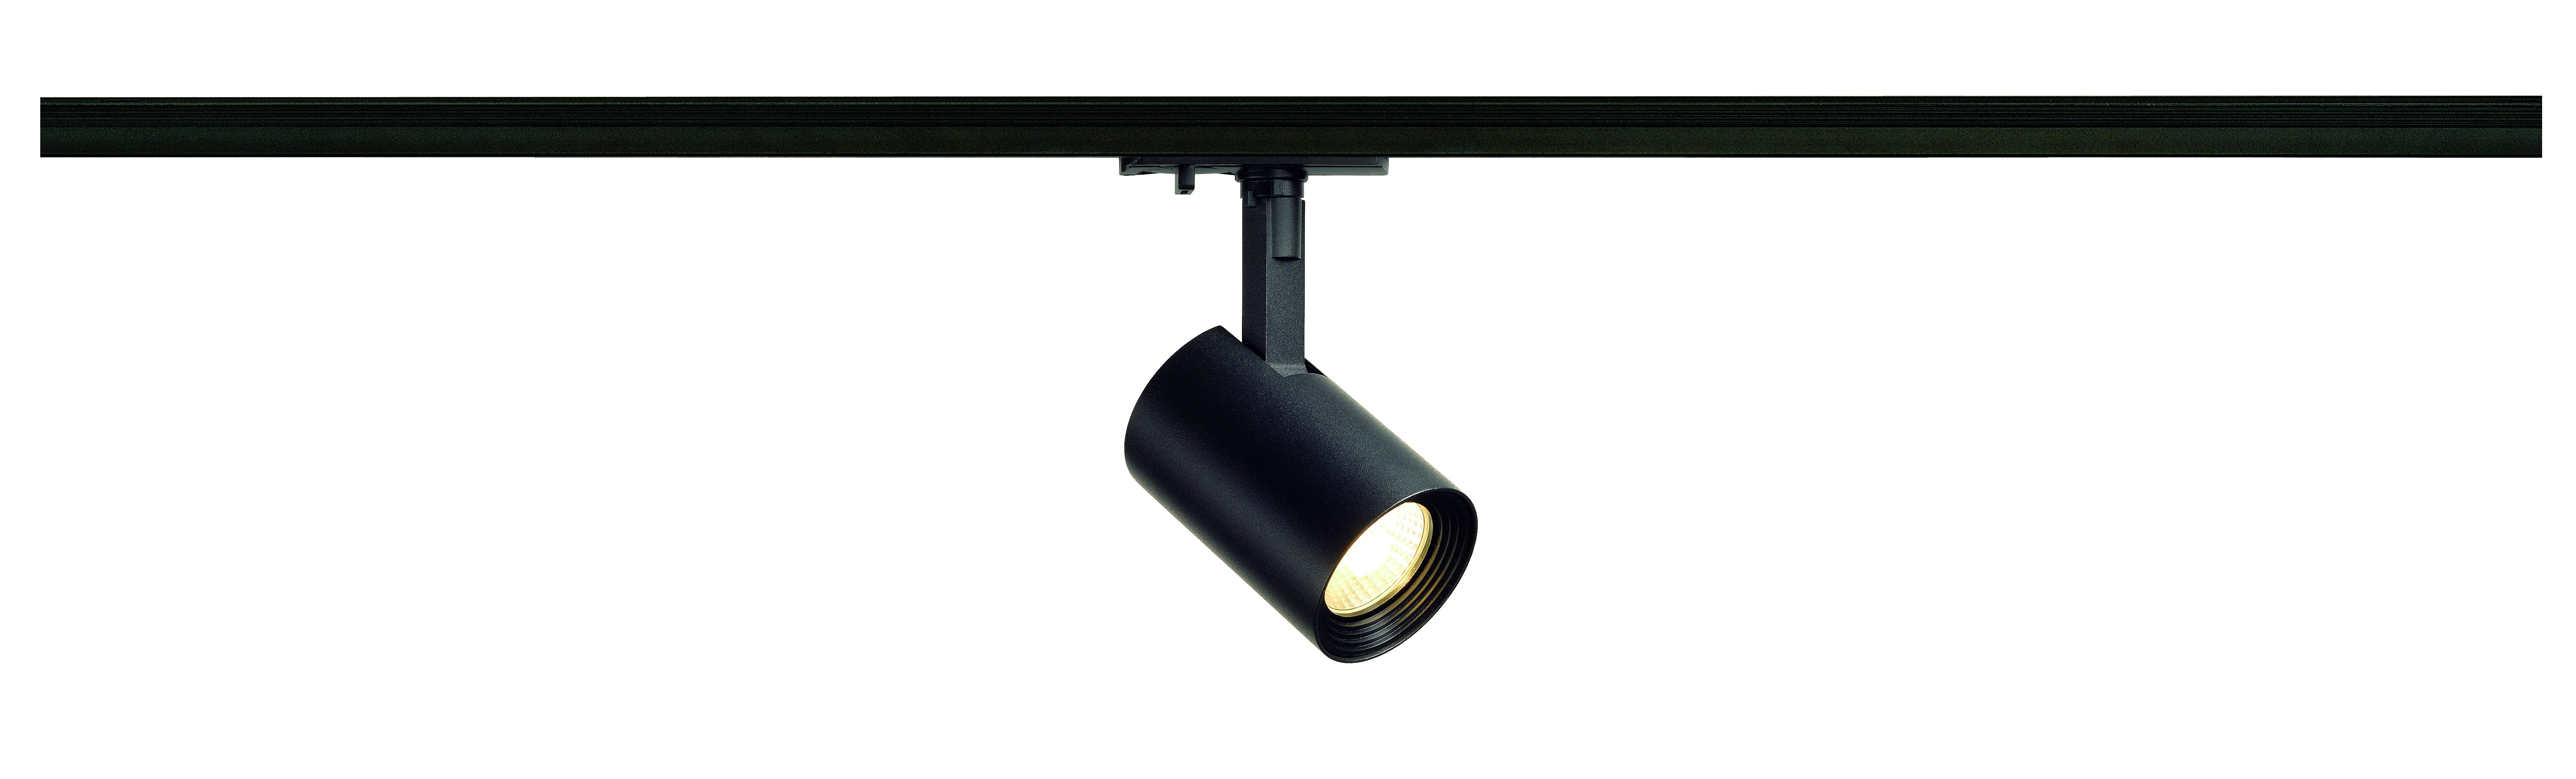 1 Stk Debasto LEDSpot,8W, 3000K, Ra=80, 360lm, rund, schwarz LI143570--